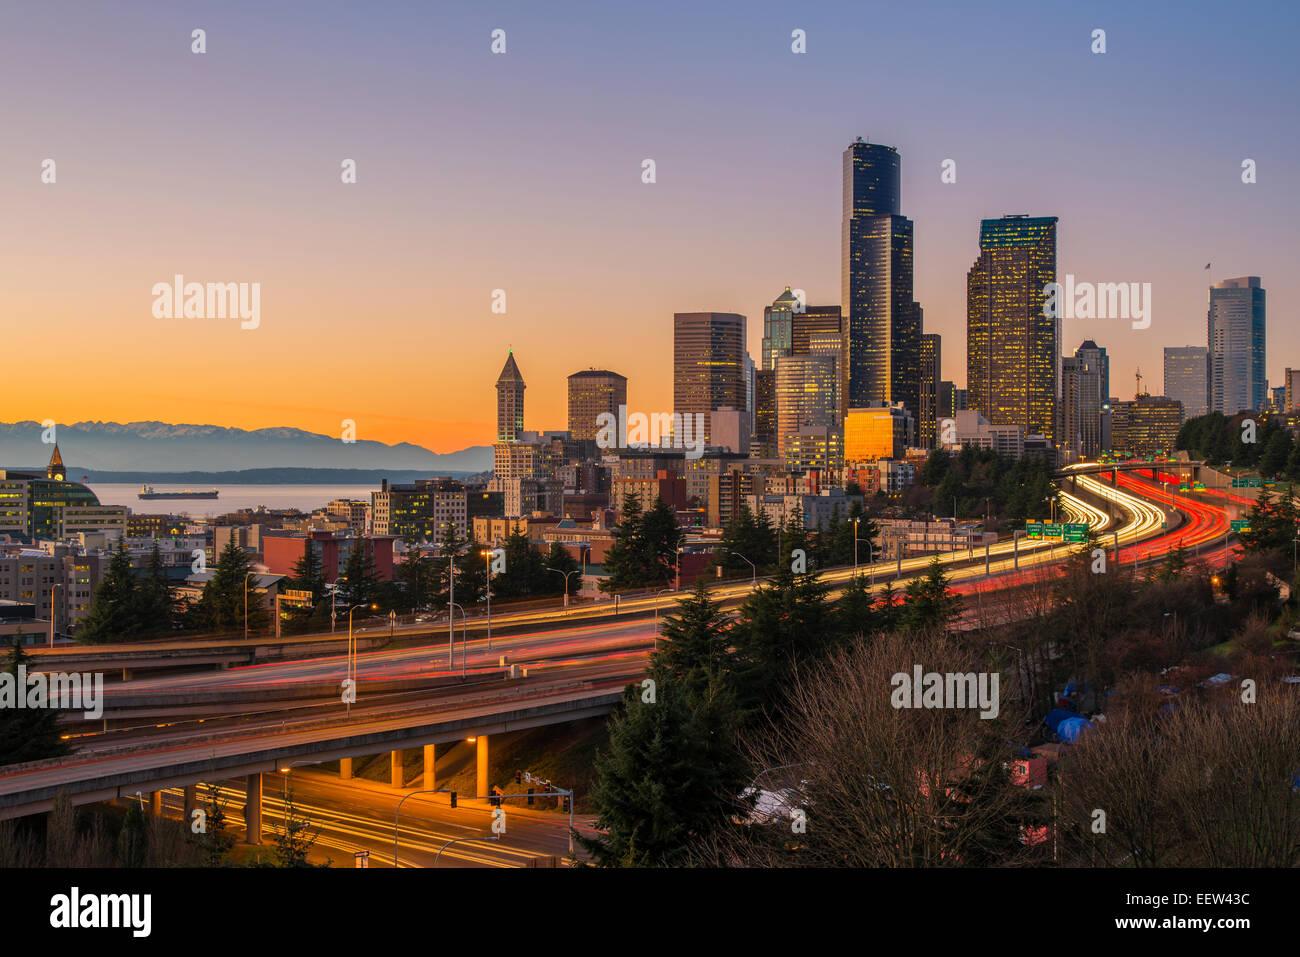 Il traffico di Freeway e skyline del centro al tramonto, Seattle, Washington, Stati Uniti d'America Immagini Stock